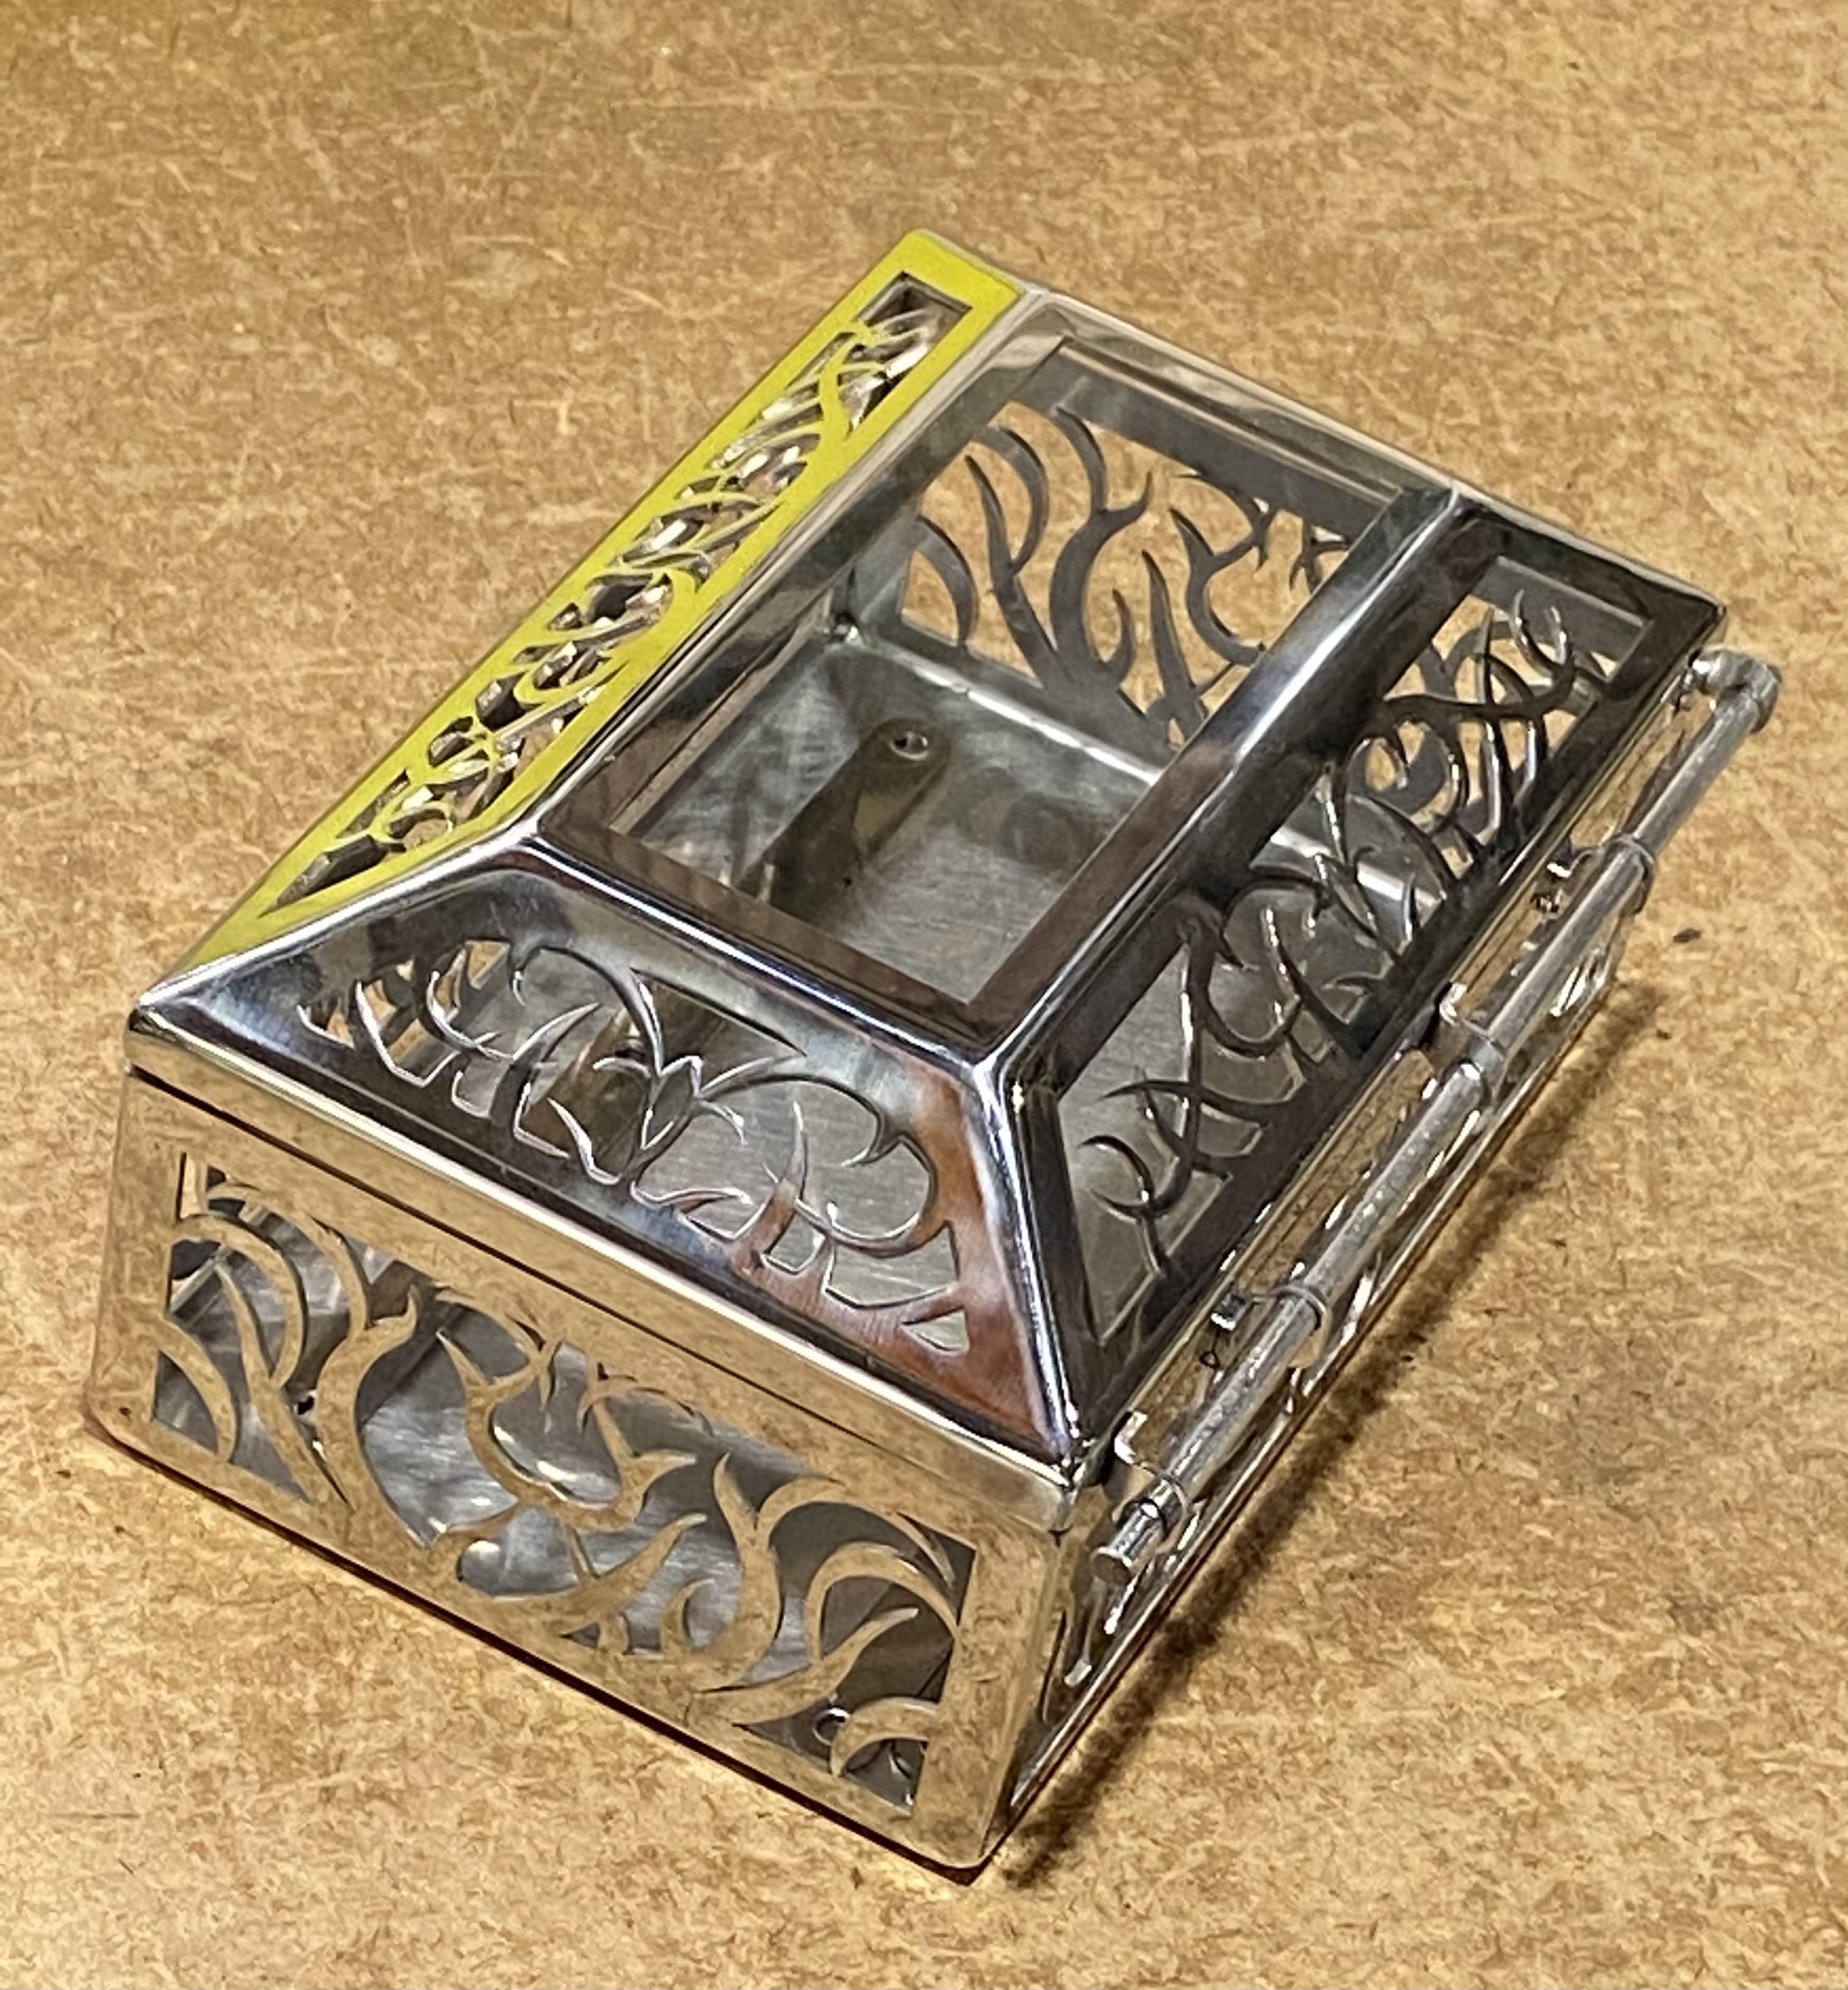 精密板金部品 レーザー加工 溶接 全面バフ仕上げ オルゴールケース